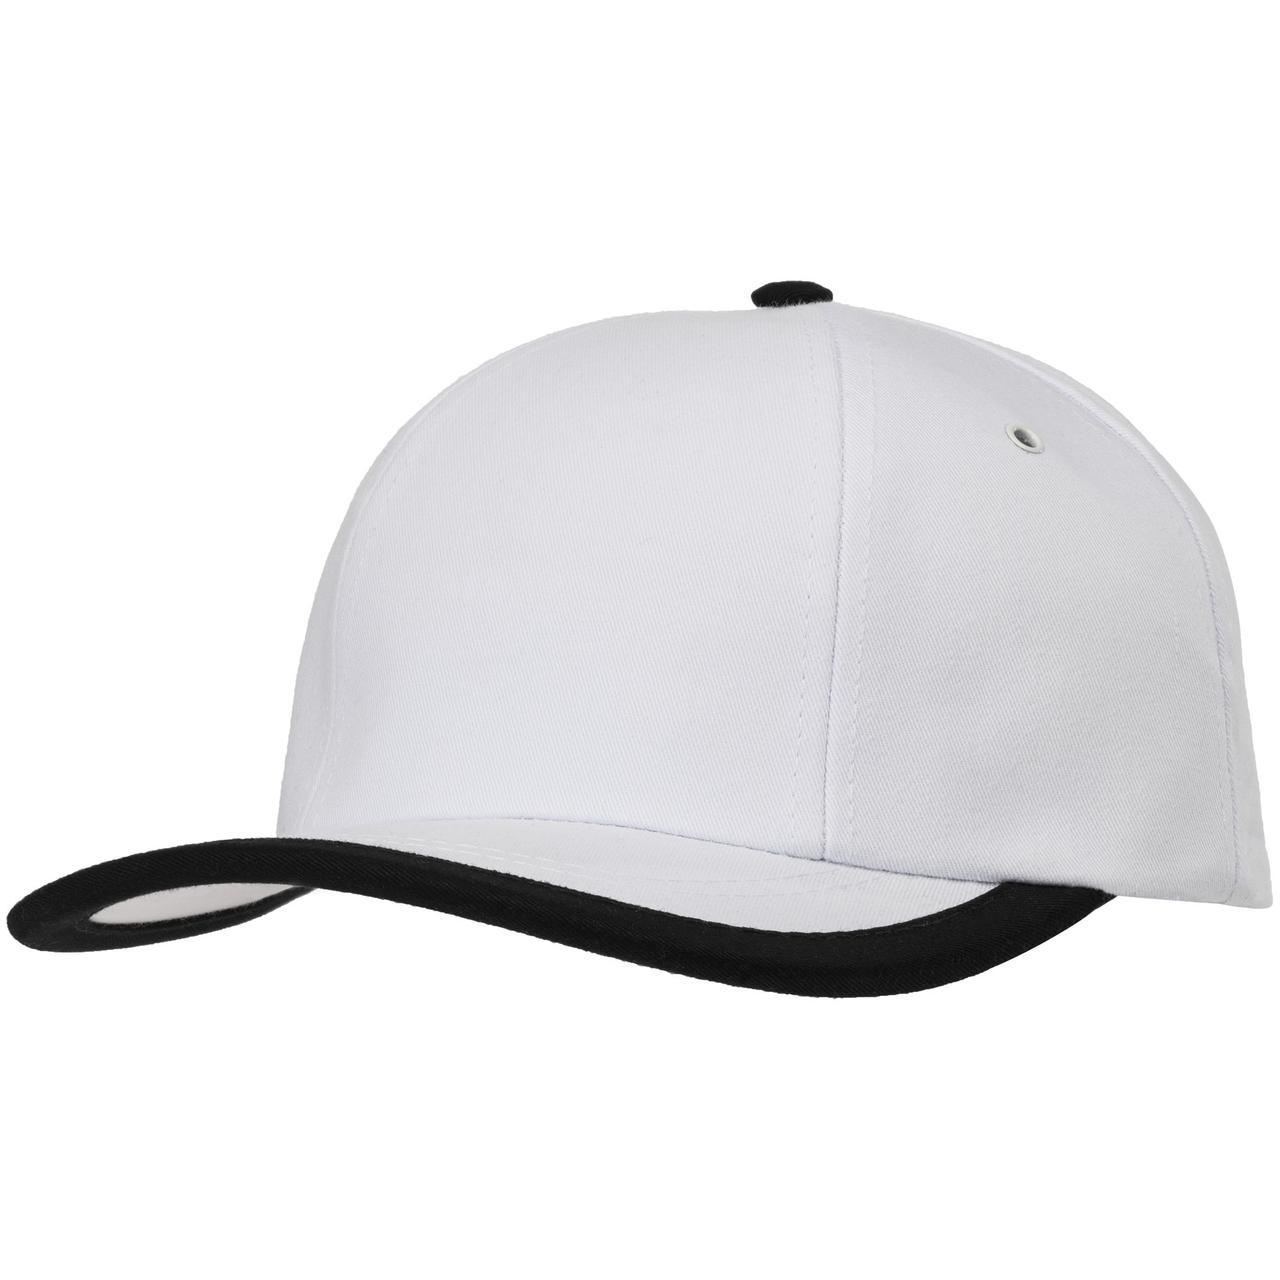 Бейсболка Bizbolka Honor, белая с черным кантом (артикул 11179.60)